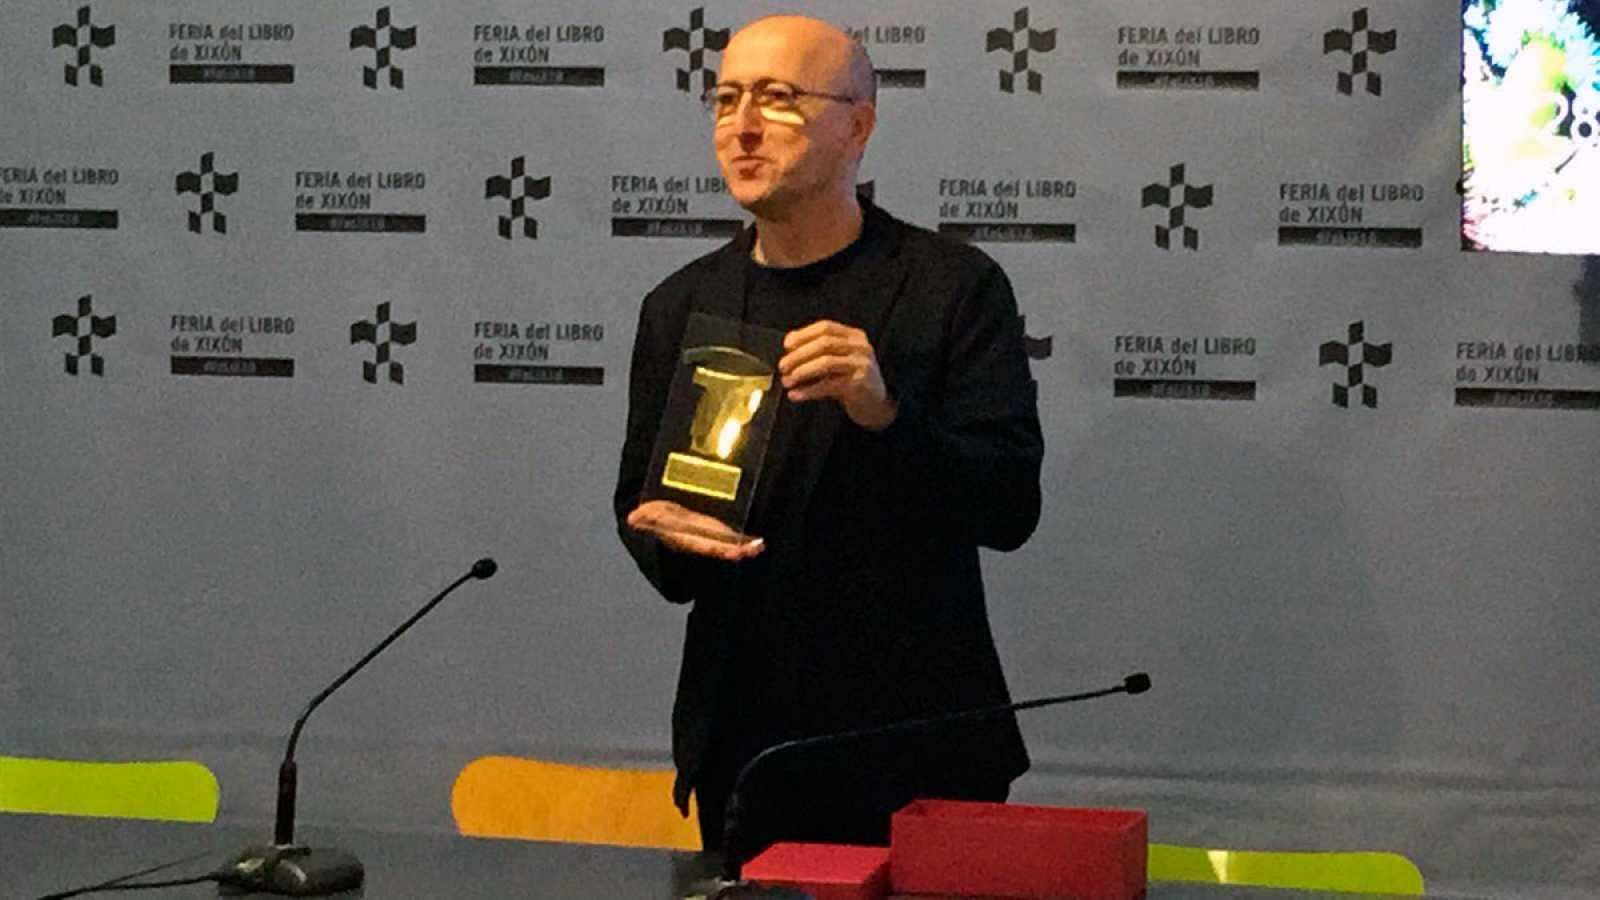 Oscar López de Página Dos premiado por la Feria del Libro de Gijón